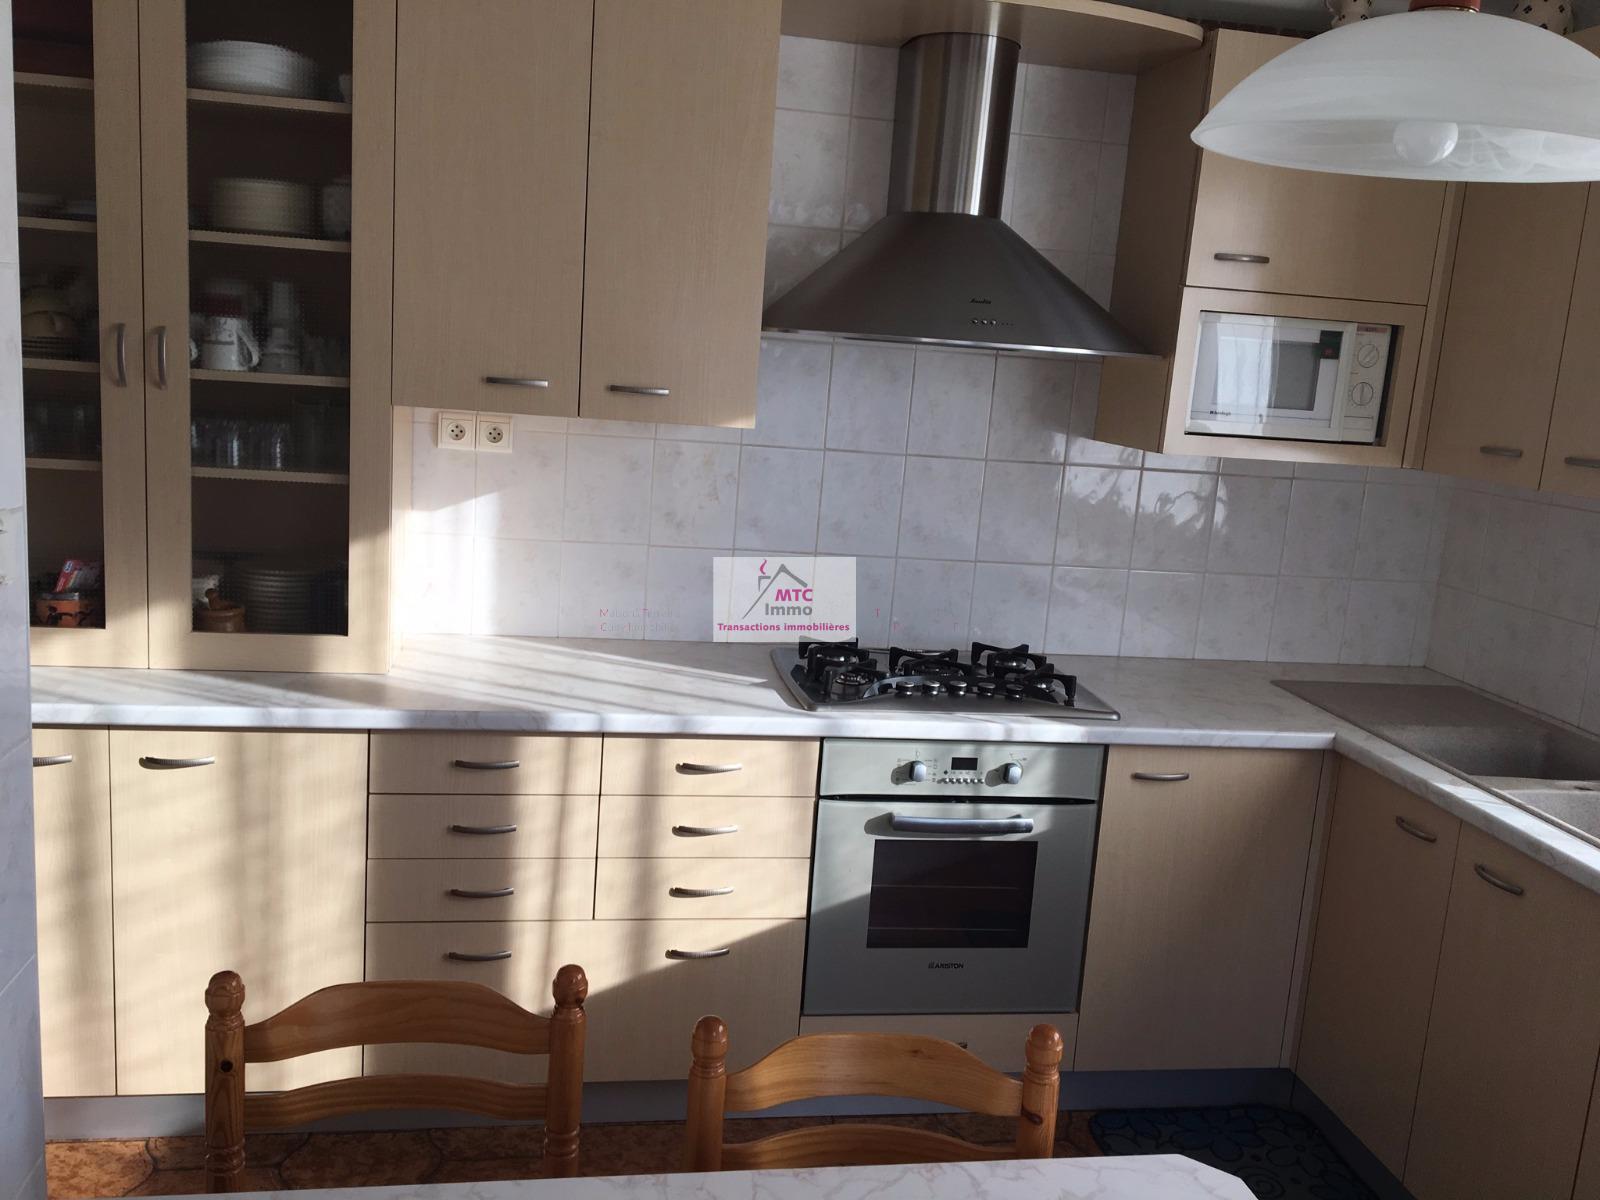 vente Maison 6 chambres 200 m² sur terrain de 975 m²